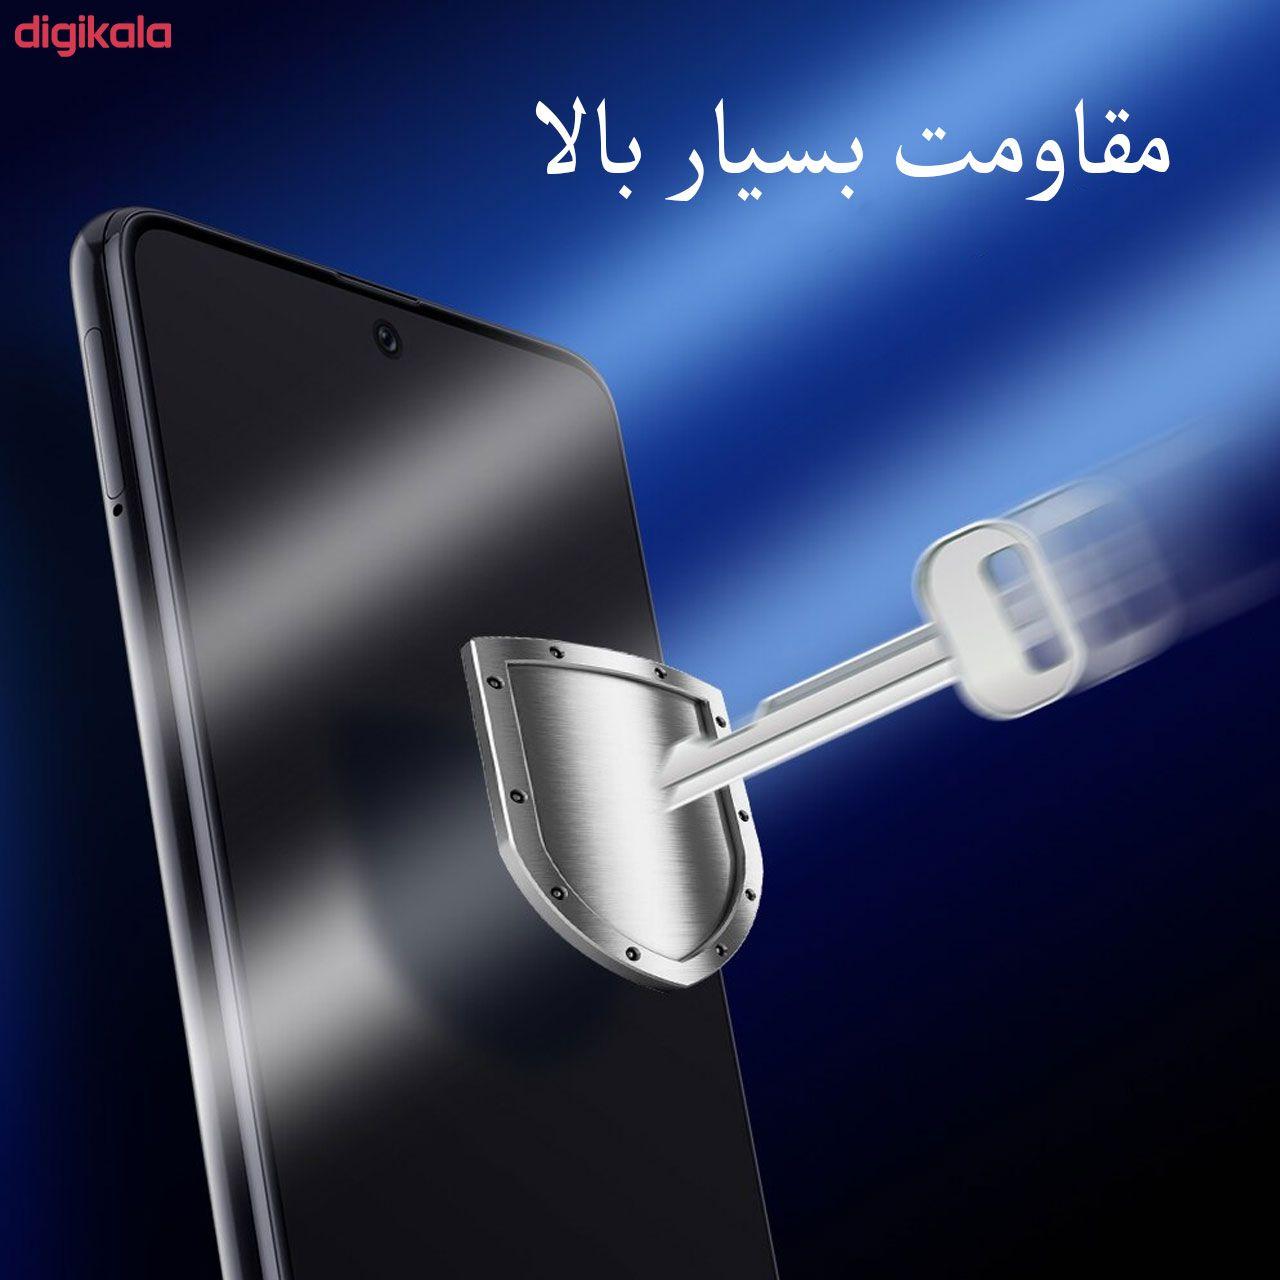 محافظ صفحه نمایش مدل FCG مناسب برای گوشی موبایل شیائومی Redmi Note 9 Pro main 1 2